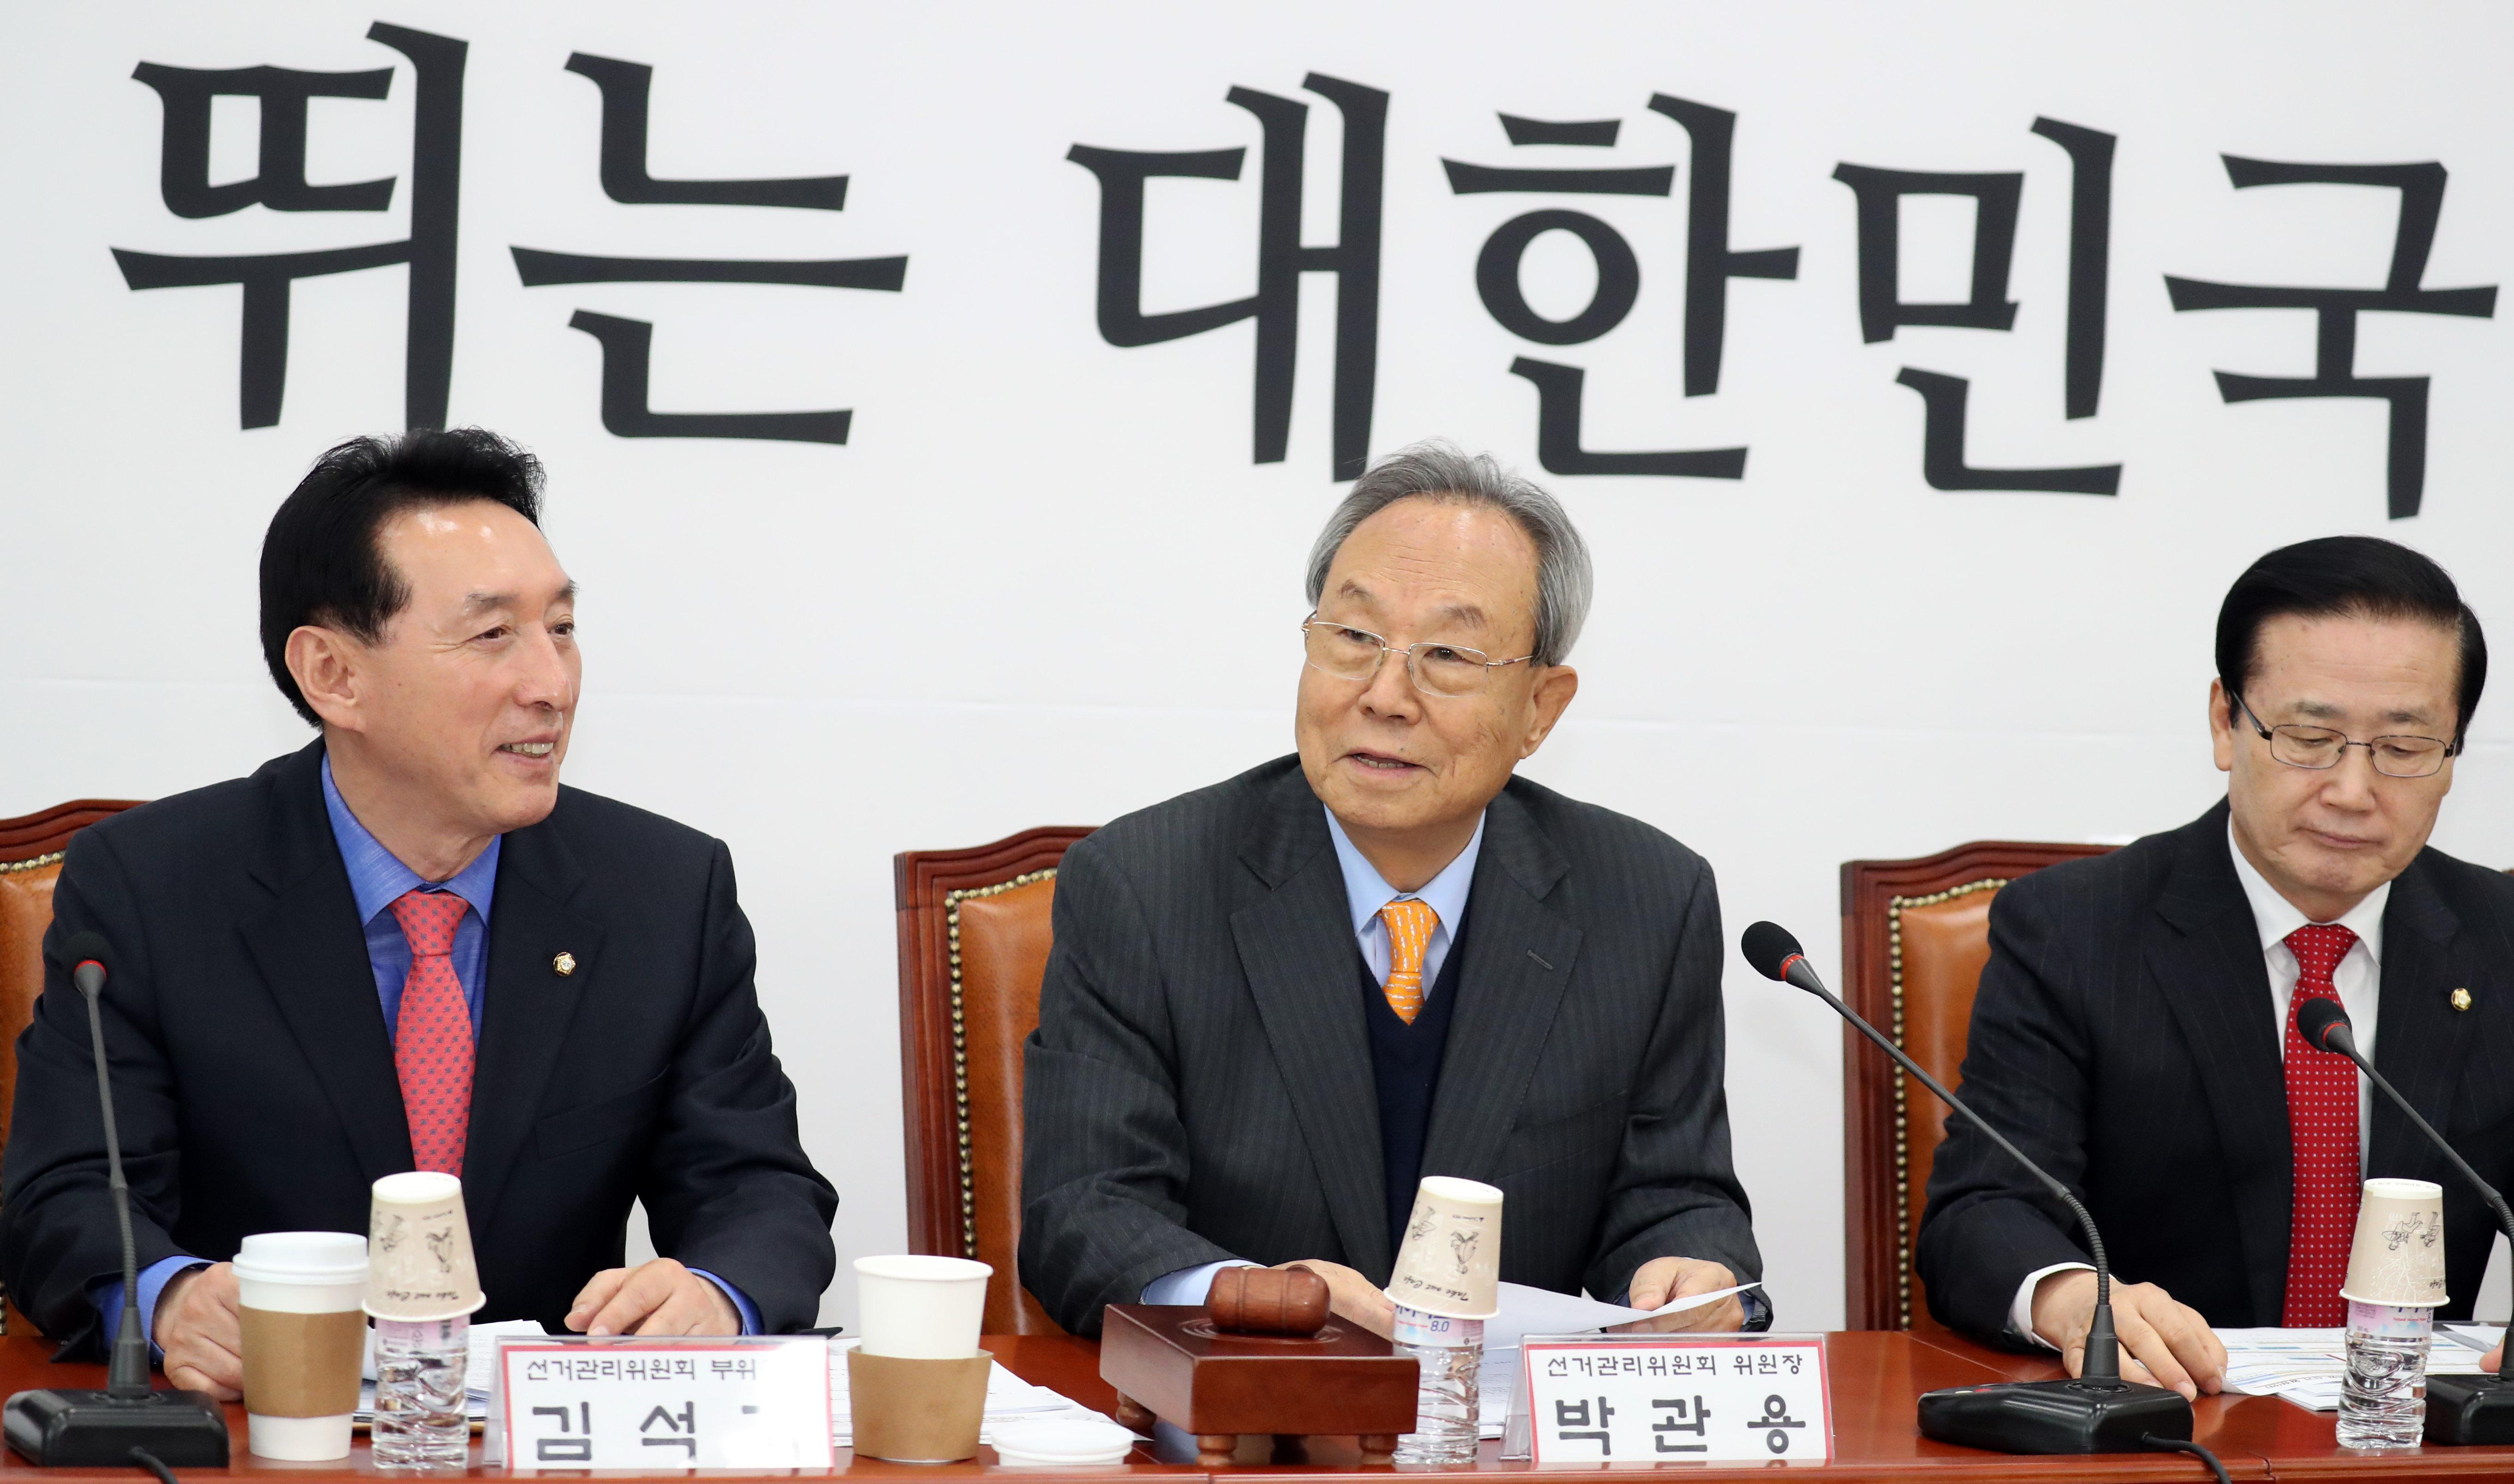 자유한국당이 전당대회 일정을 연기하지 않기로